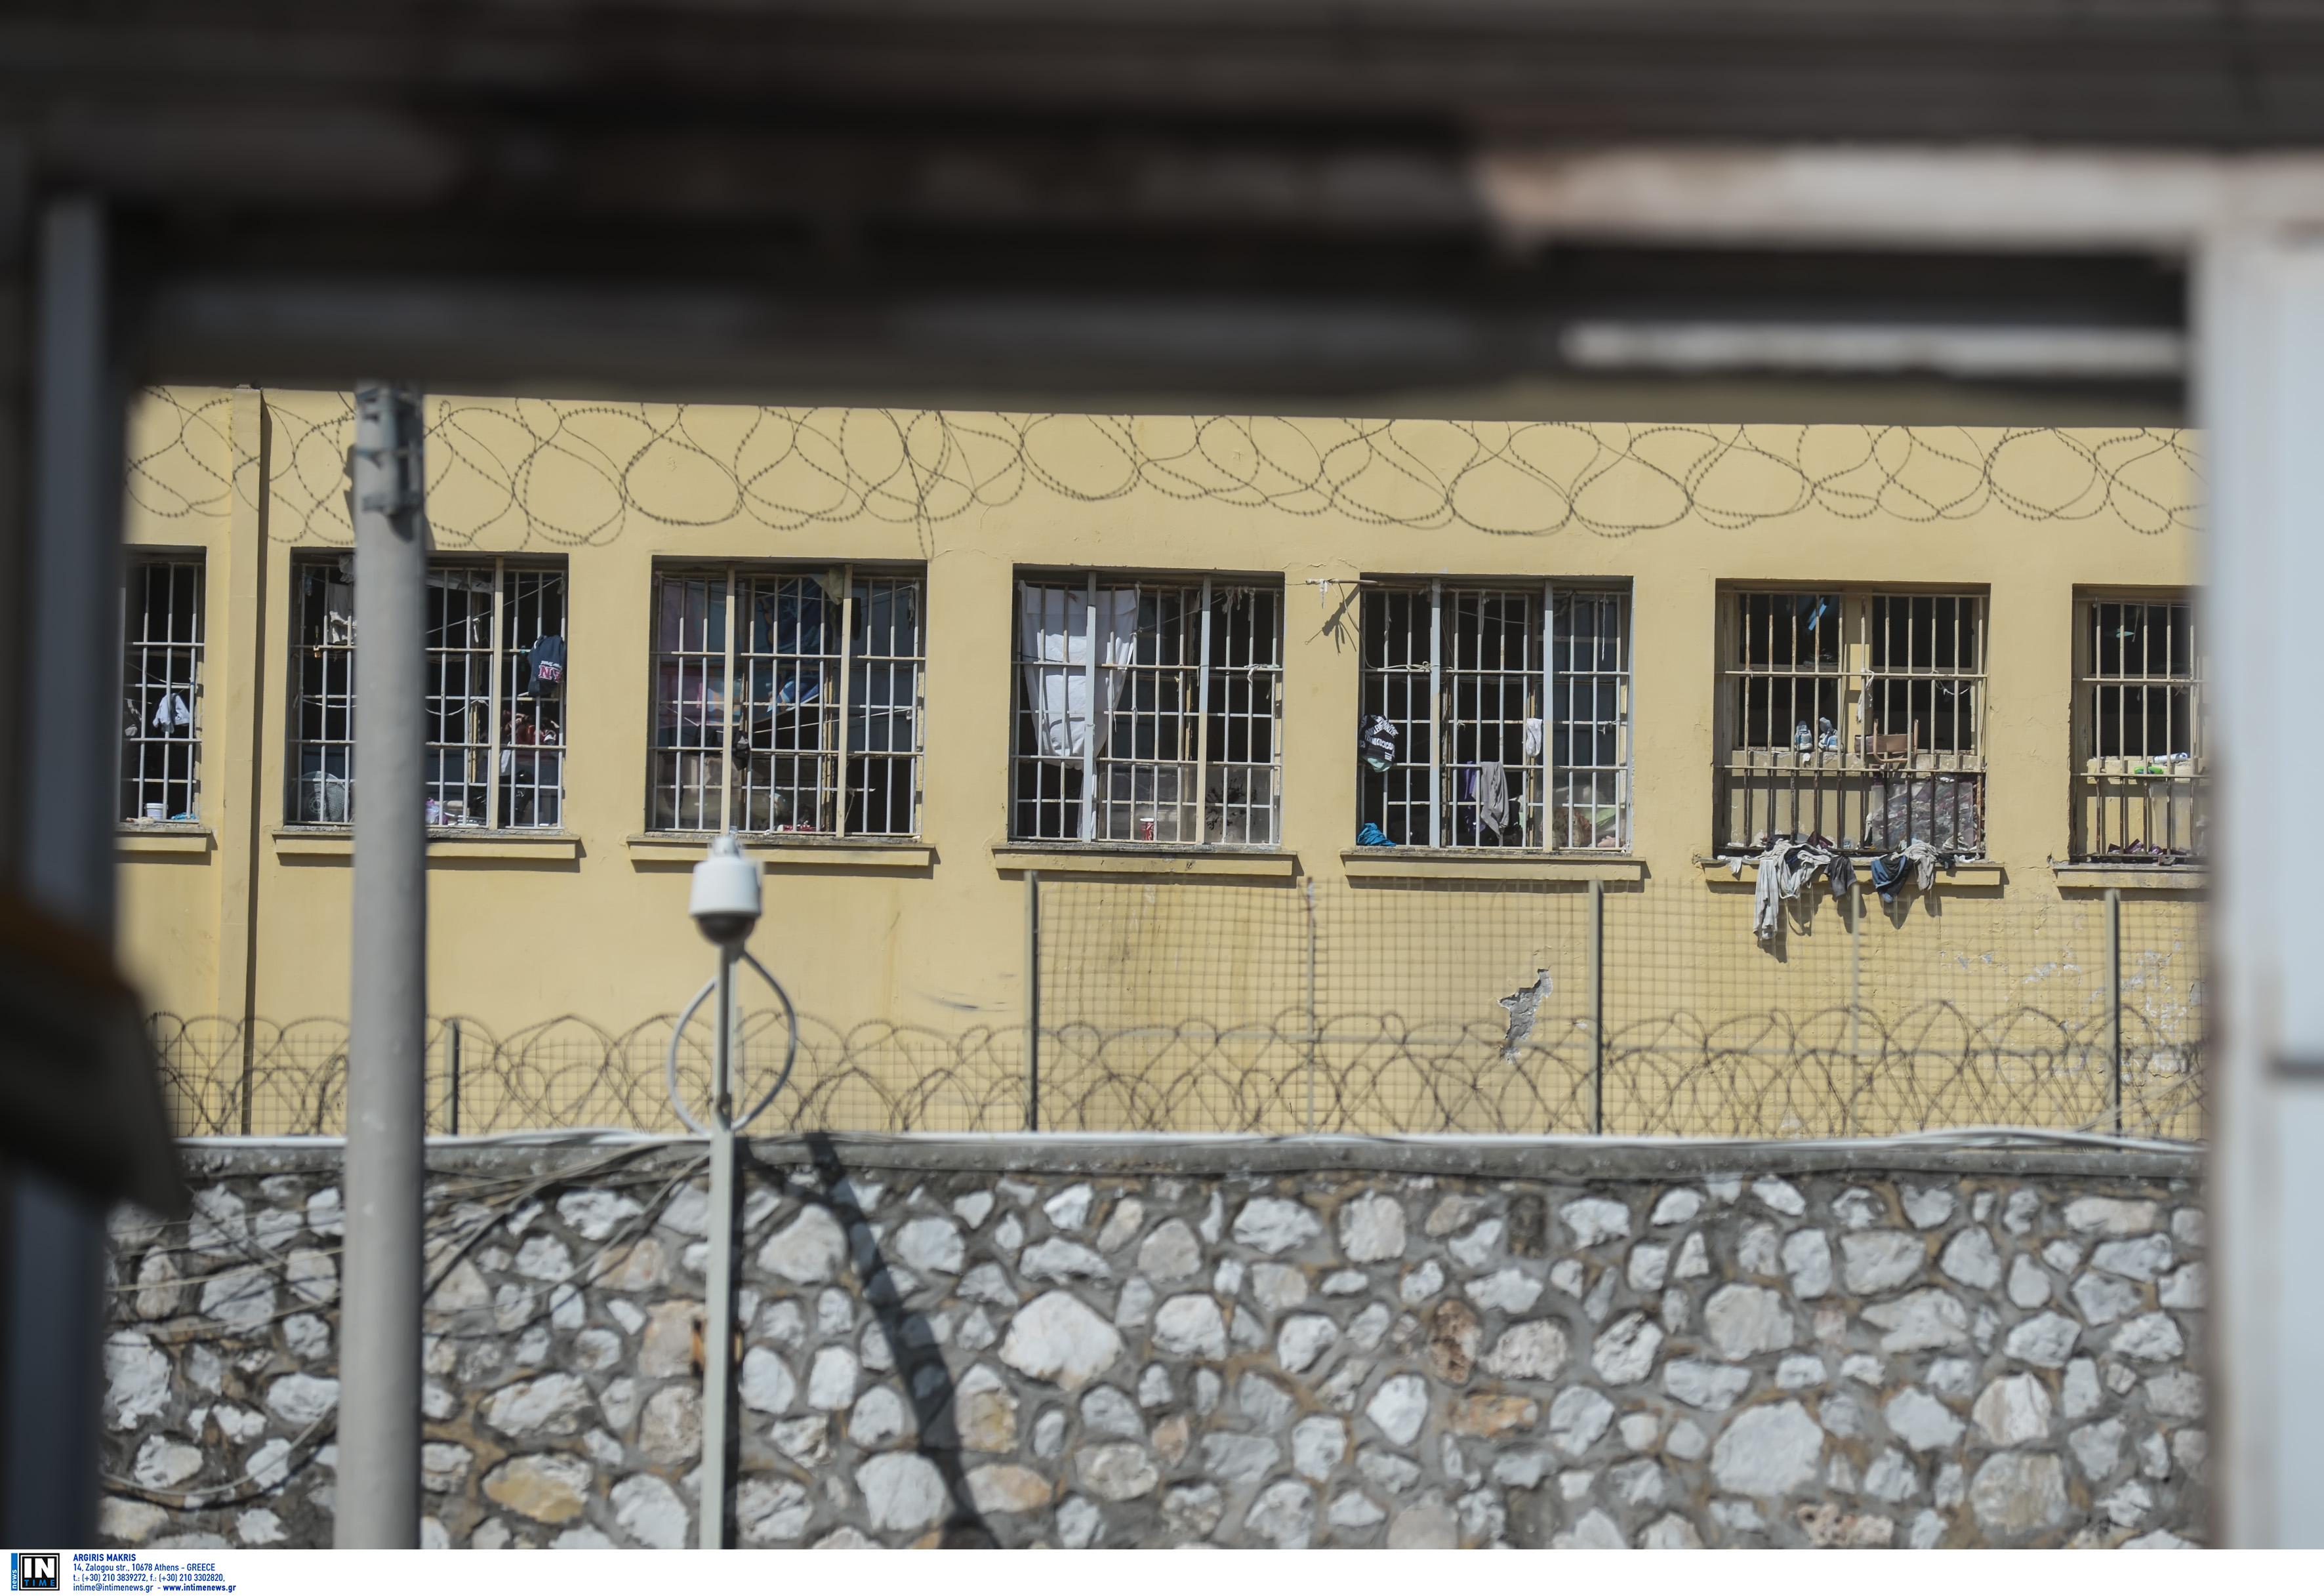 Τρίκαλα: Μυστηριώδης θάνατος Έλληνα κρατούμενου στις φυλακές! Εντός της ημέρας η νεκροψία